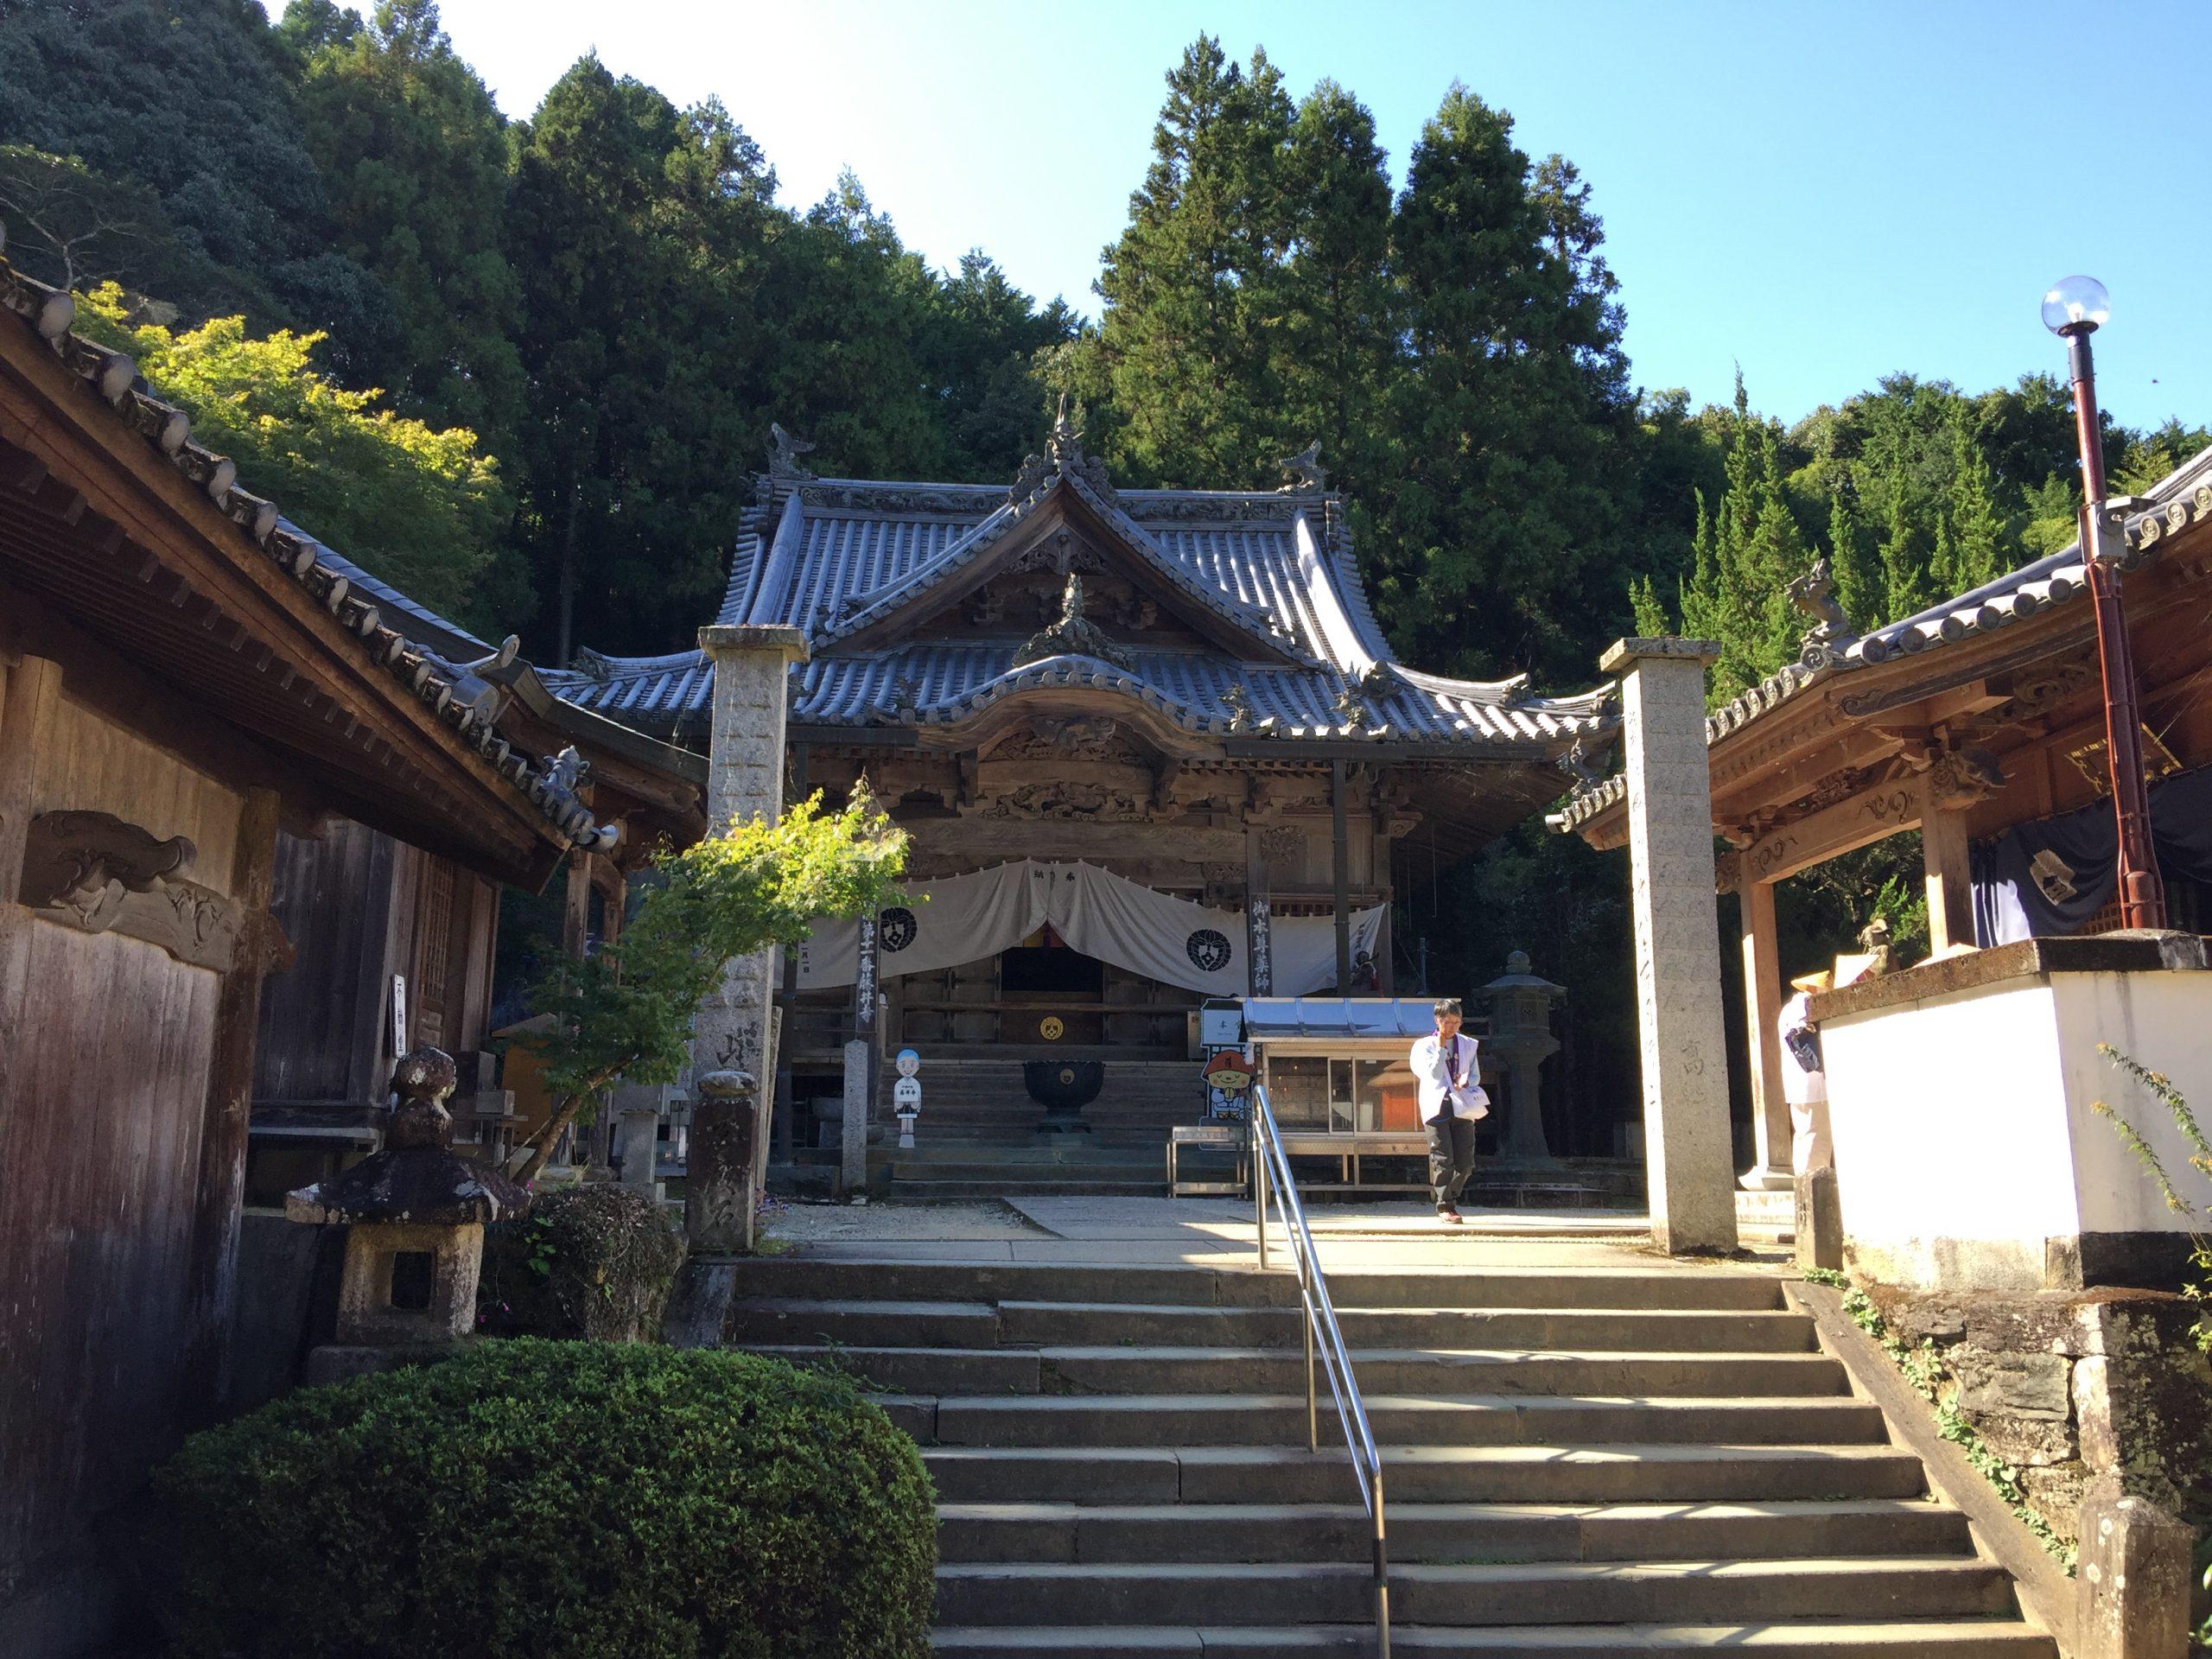 四國遍路二十五. 終於可把藤井寺和切幡寺排進行程了